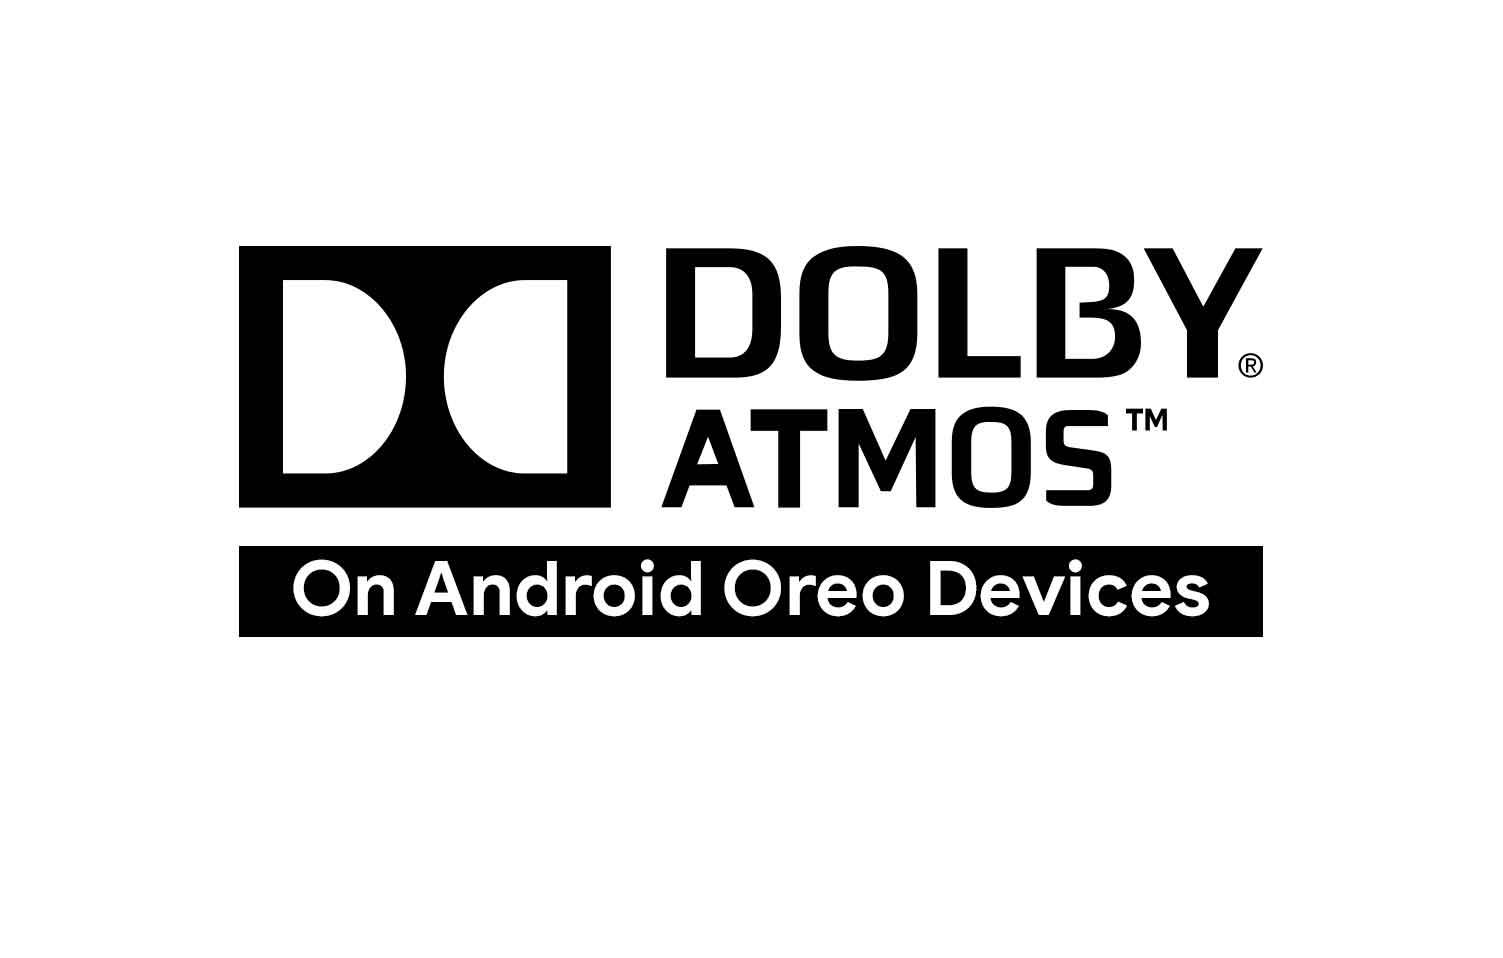 Cómo obtener sonido envolvente Dolby Atmos en cualquier Android